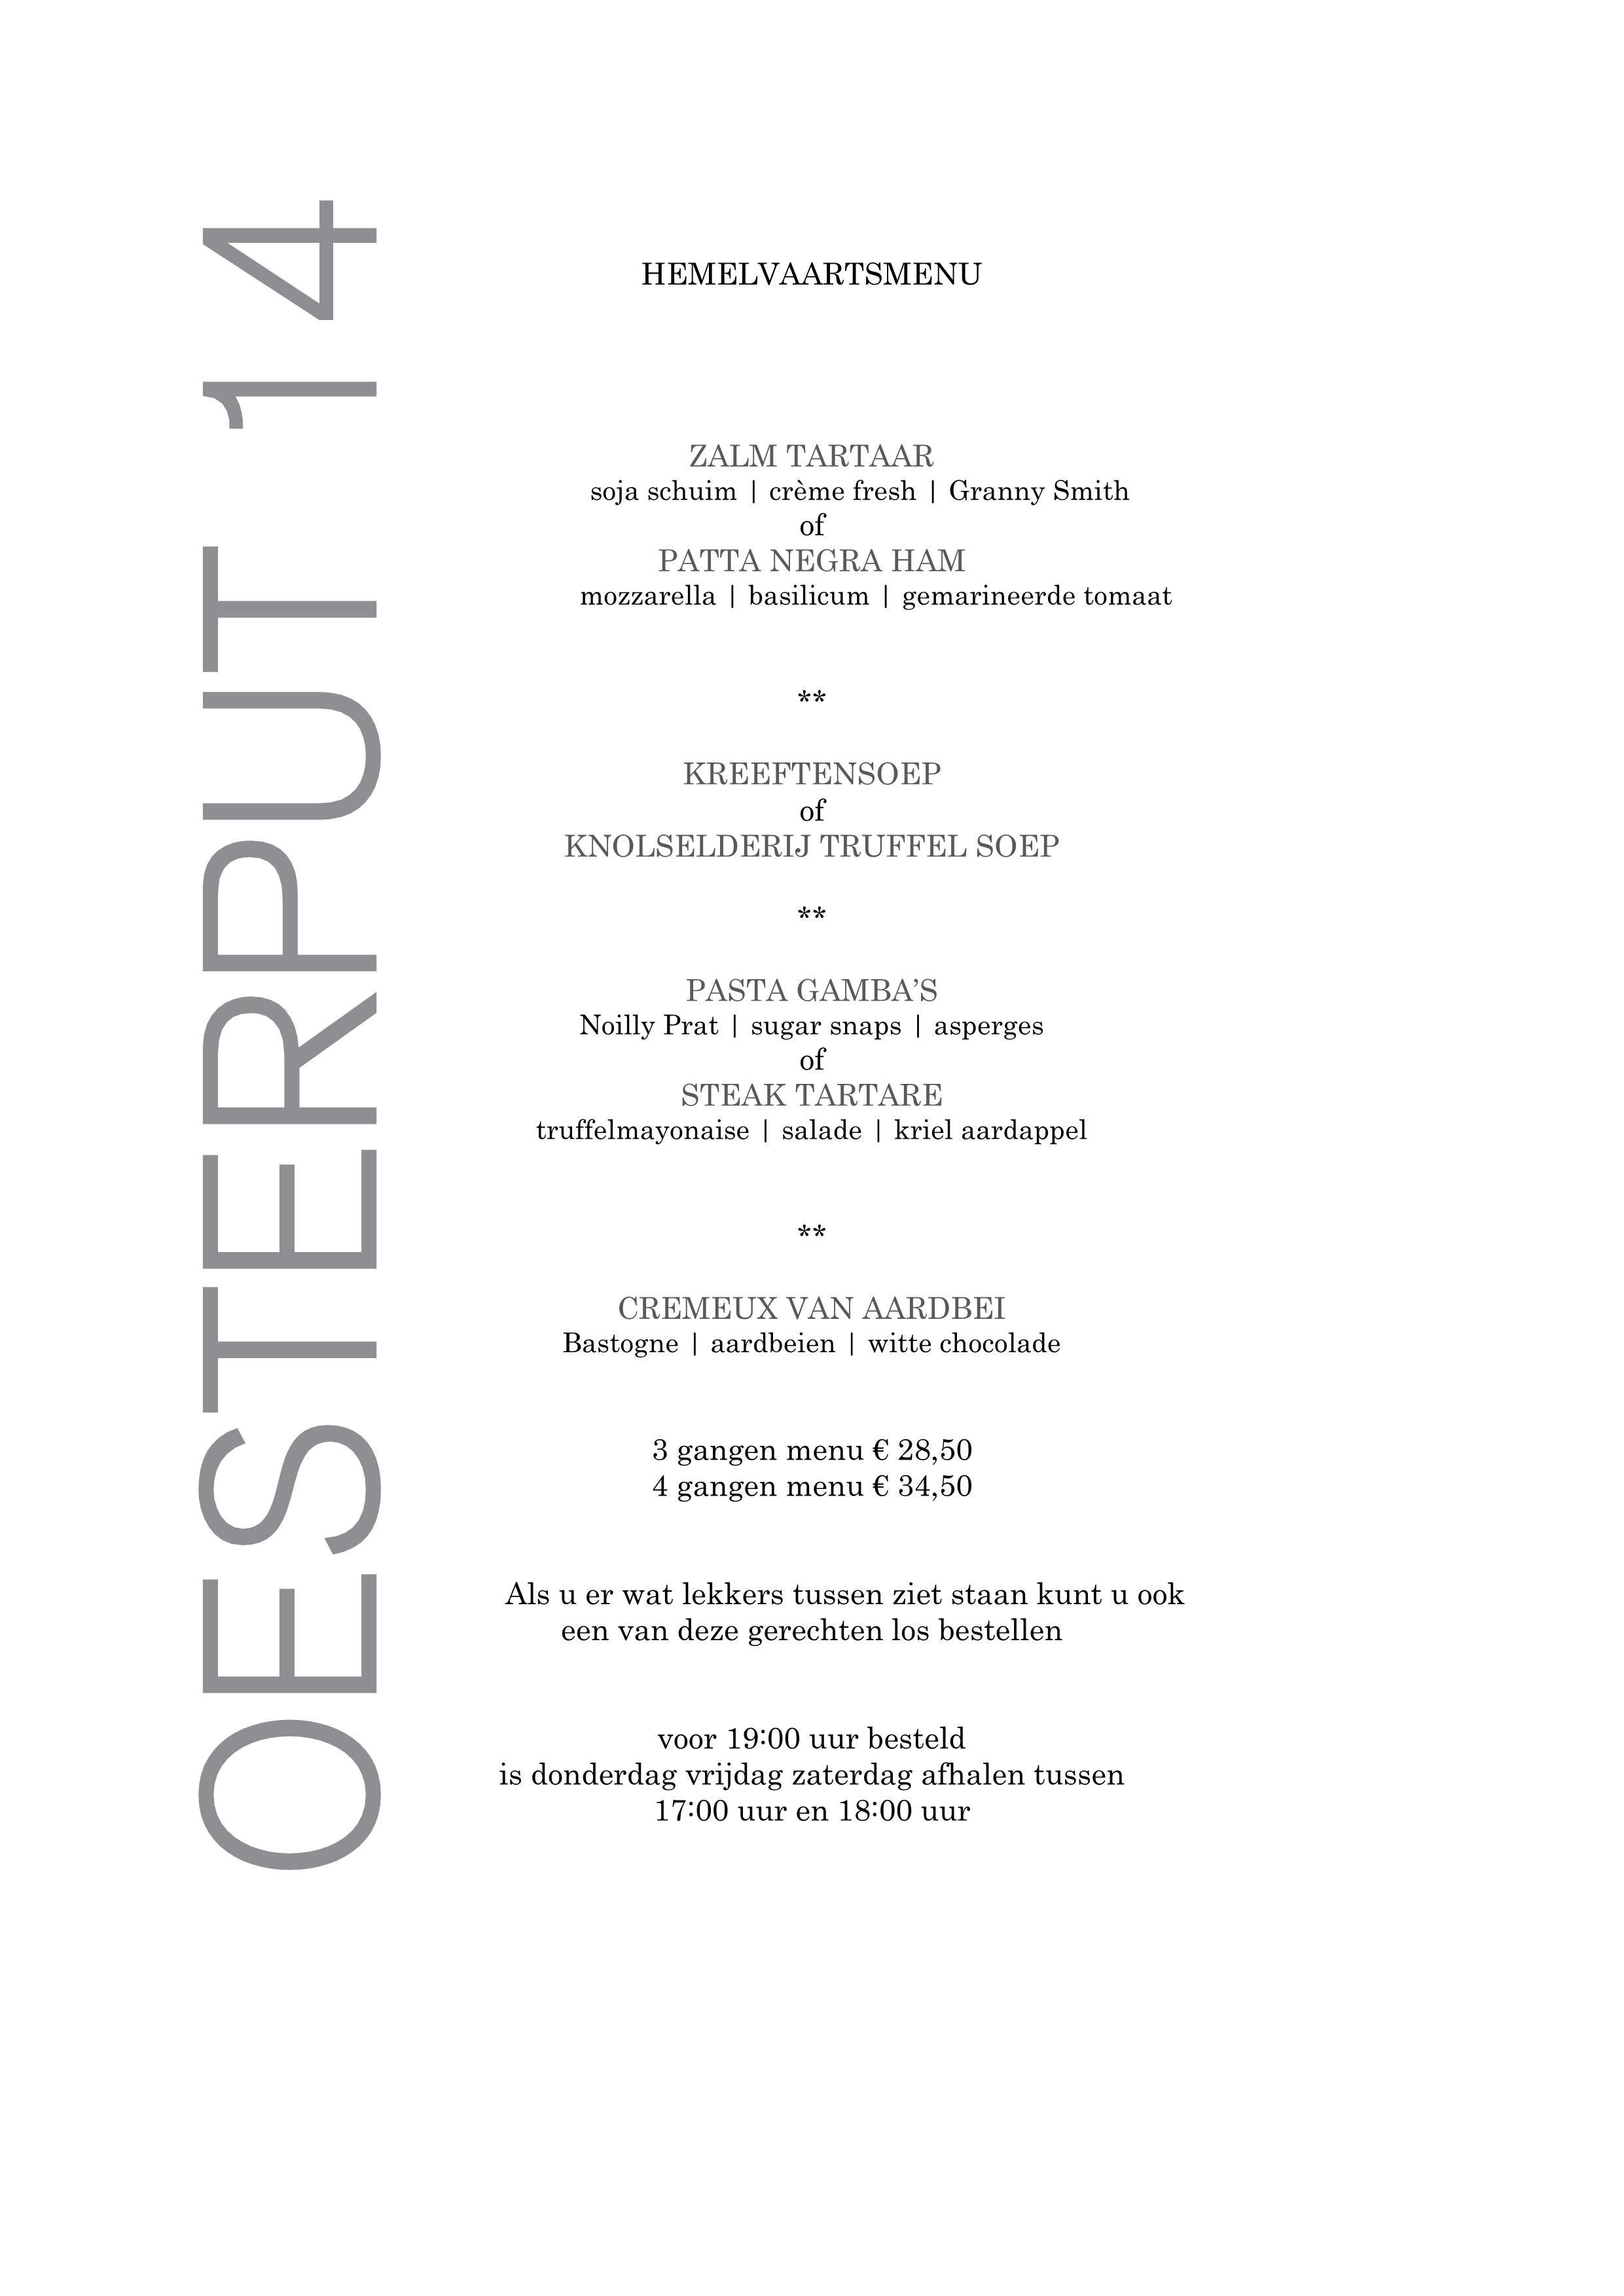 Hemelvaarts menu